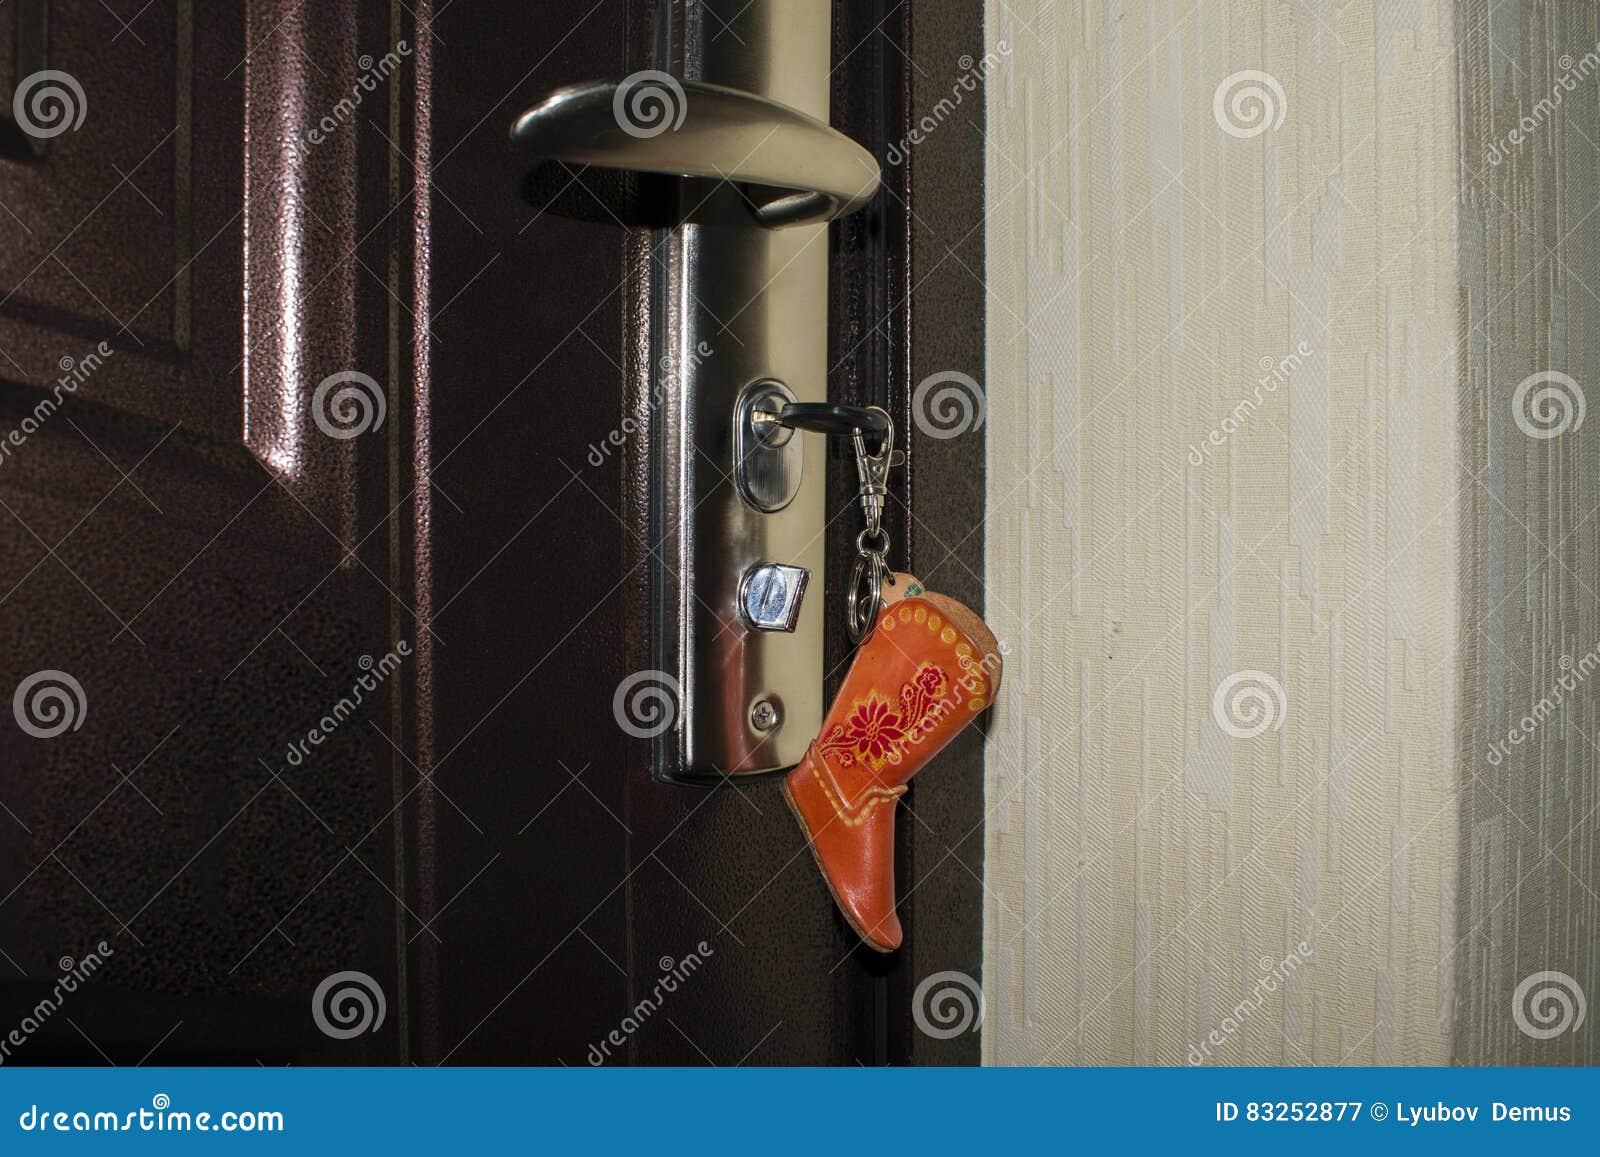 Klucz z kciukiem w postaci buta w keyhole